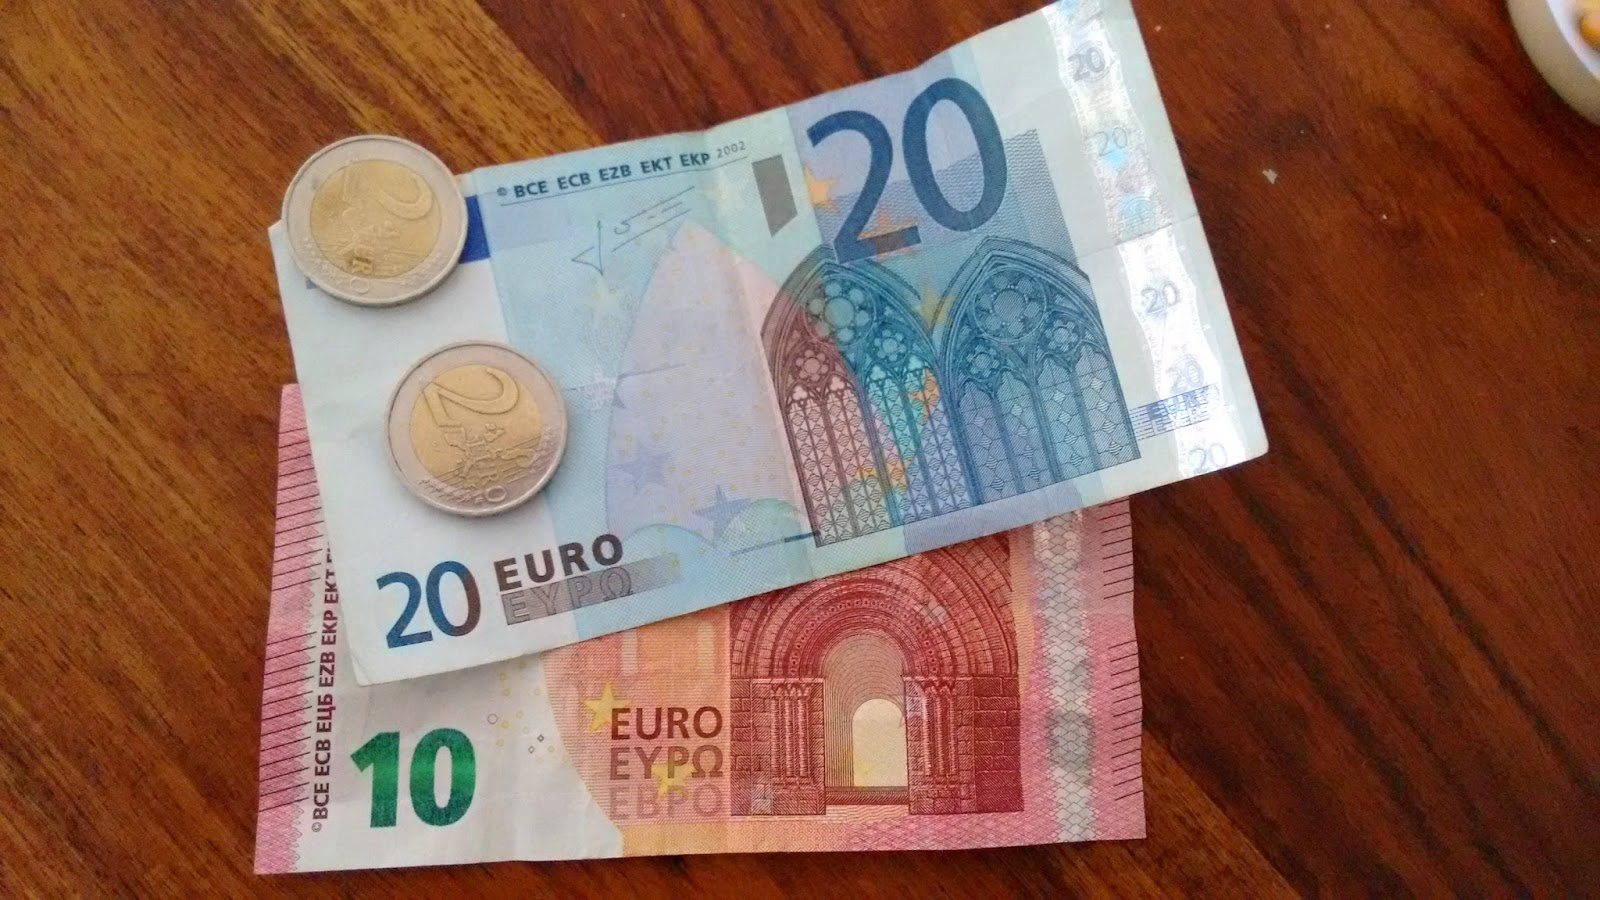 Geld verdienen mit dem Bloggen?; Zu sehen sind Geldscheine und Münzen